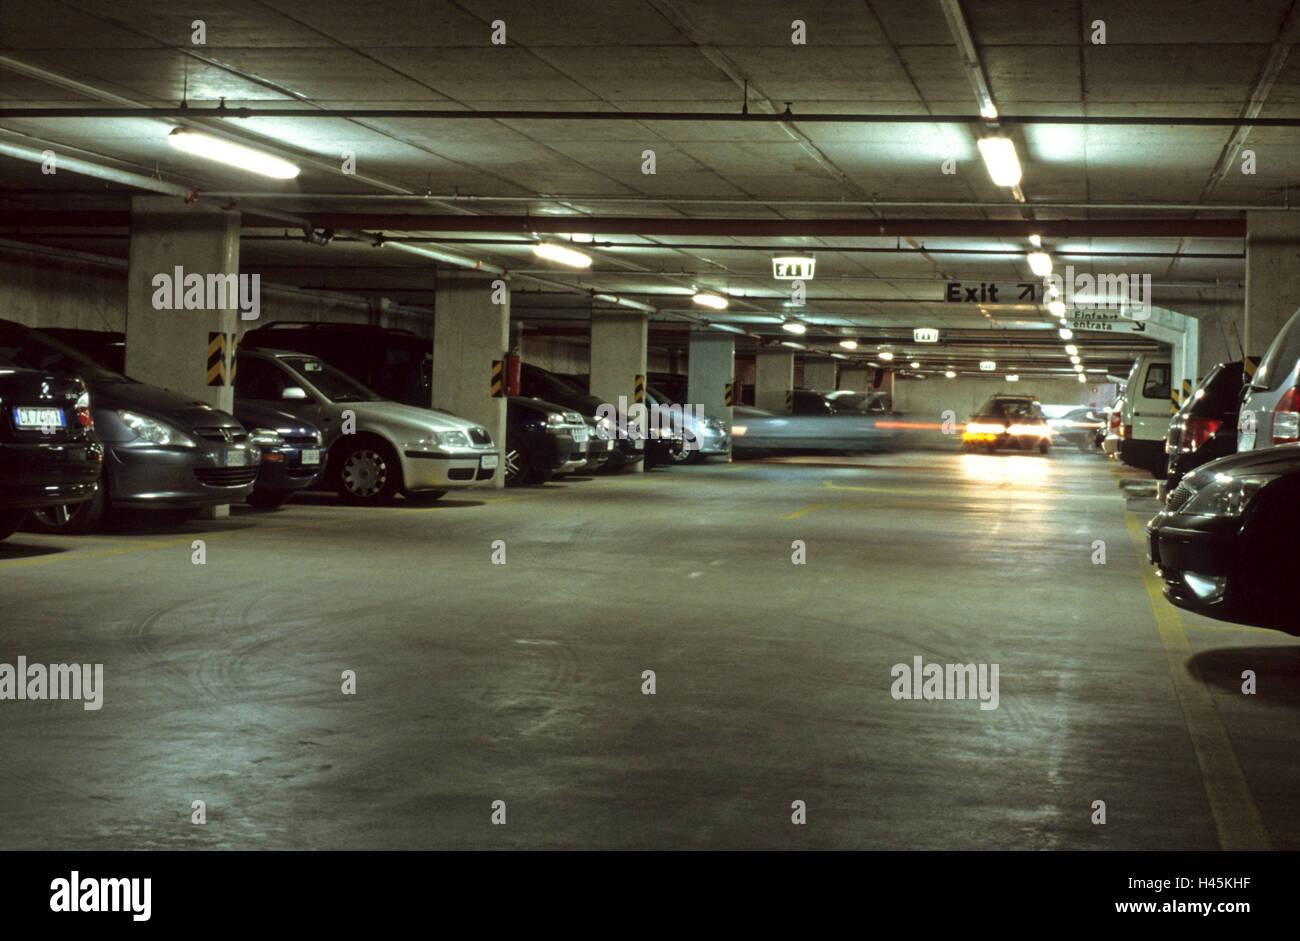 Underground Parking Car High Beam Go Garage Great